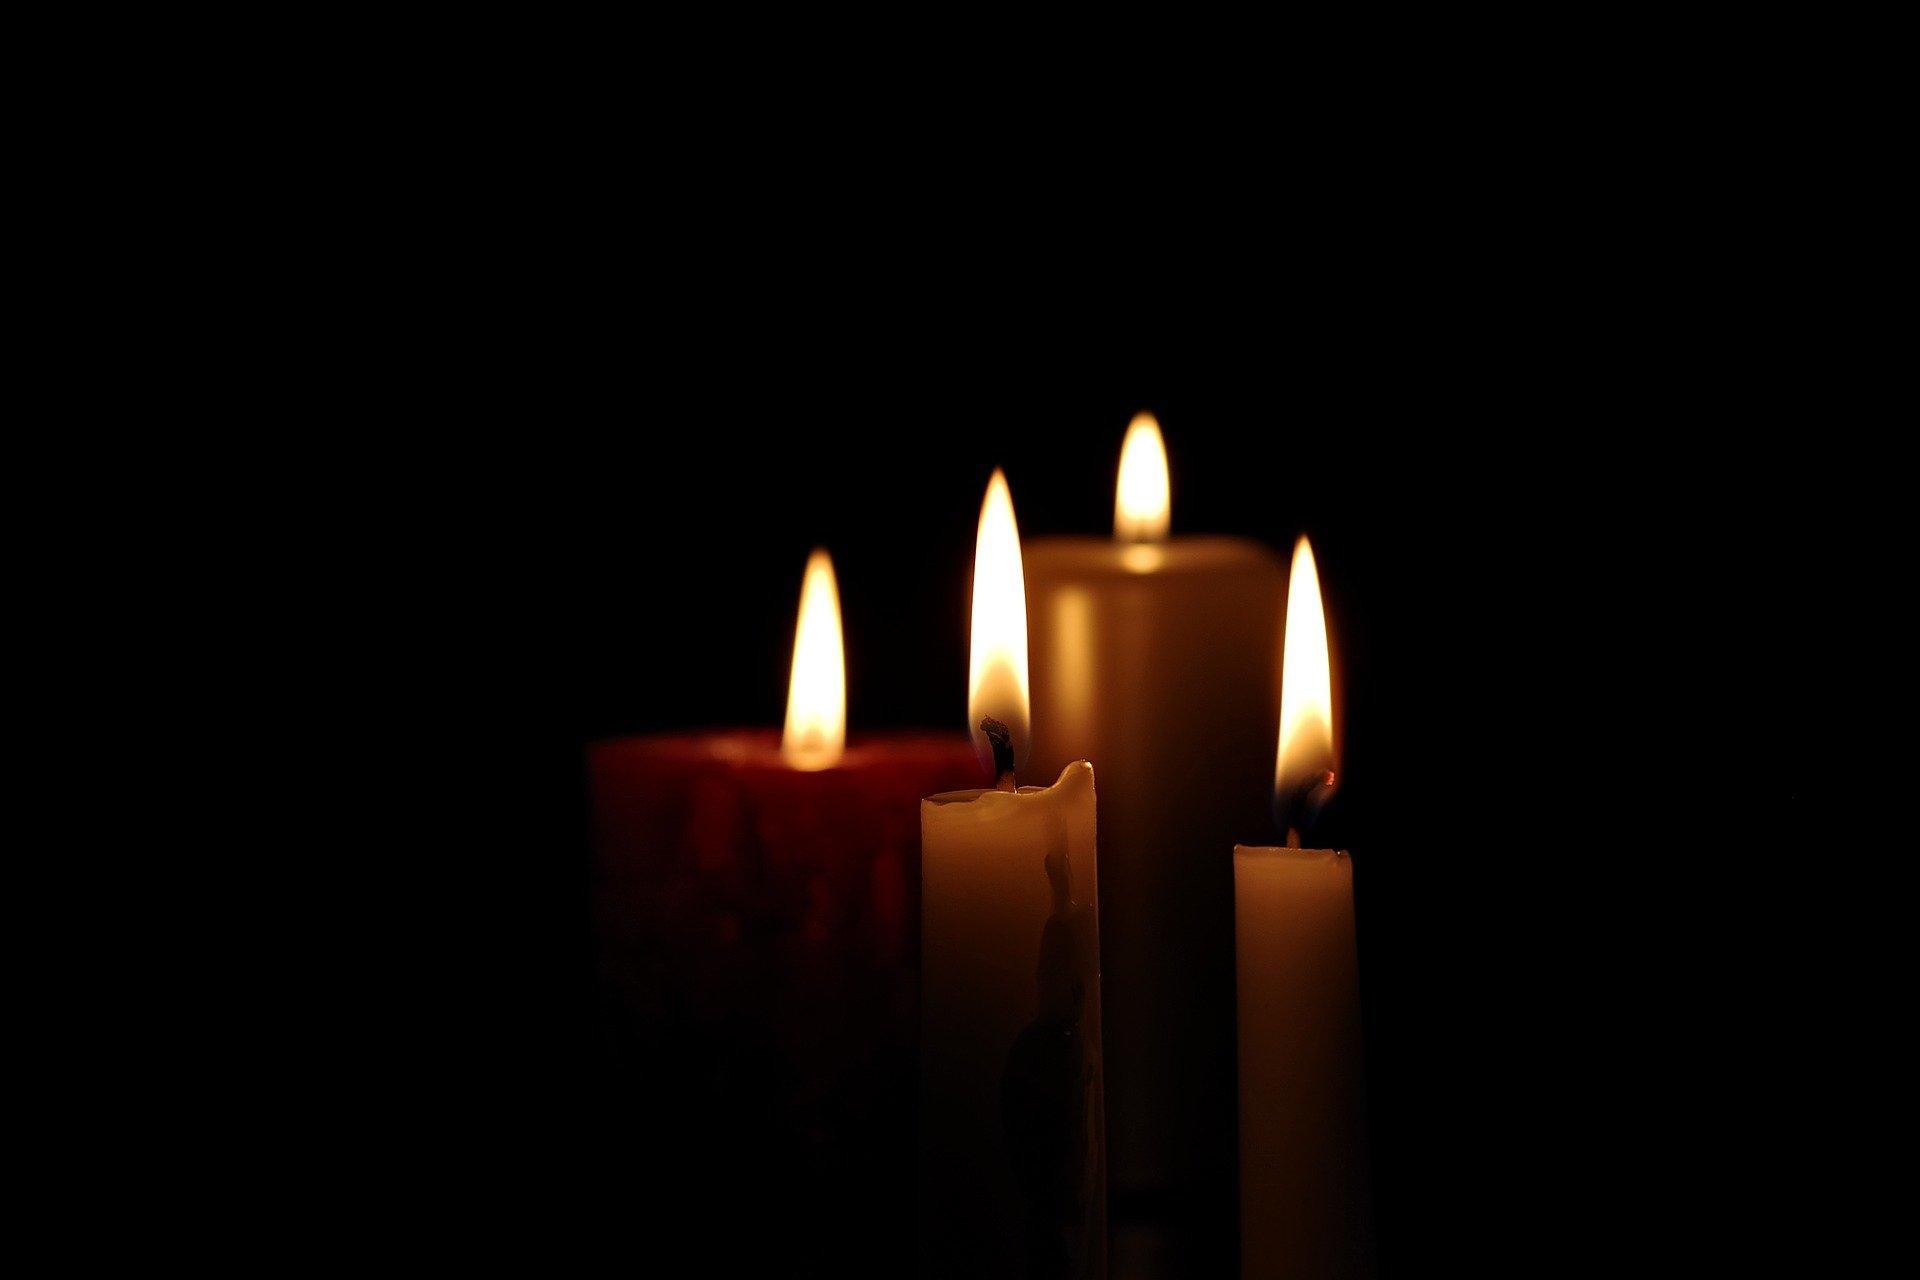 Bild Kerzen, Quelle: Bild von Gerd Altmann auf Pixabay